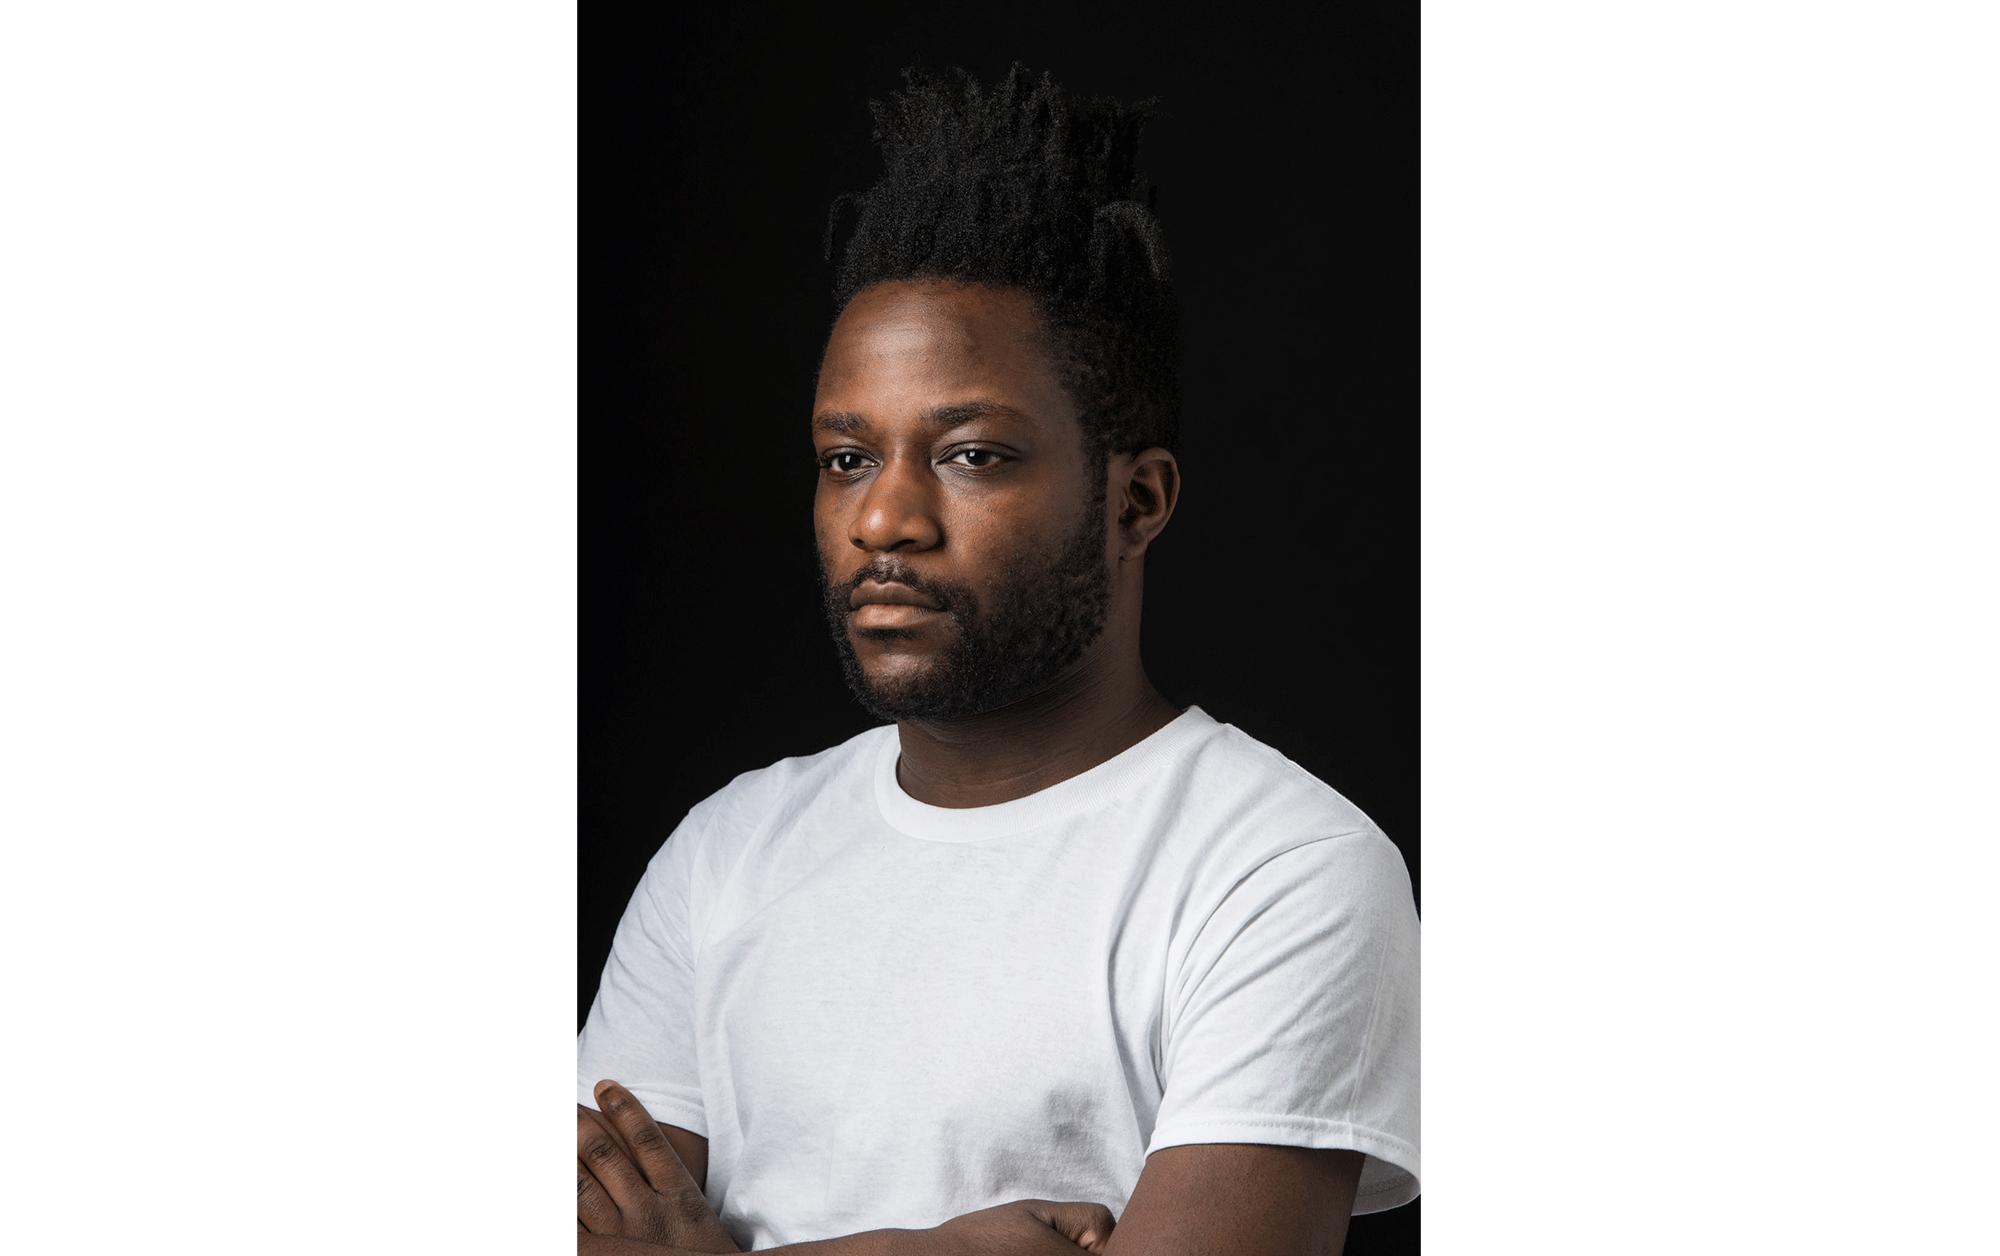 ニューヨークの若手写真家ファイル #02 ジョン・エドモンズ | Portrait of John Edmonds by Brittany N. Lucas (2018)